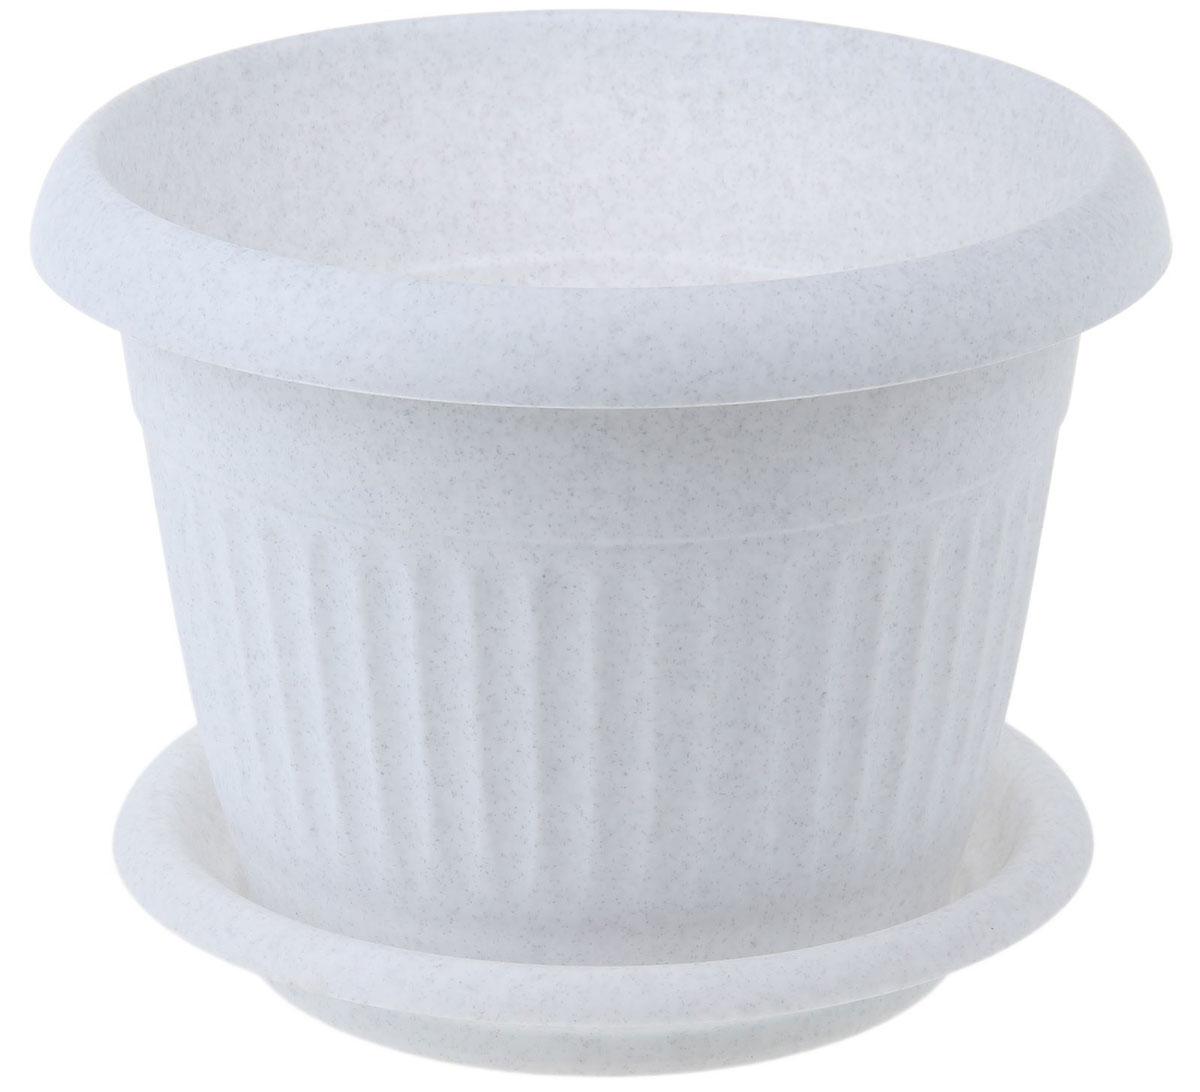 Кашпо Idea Ливия, с поддоном, цвет: мраморный, 16 лПУ-1_черный/серебристыйКашпо Idea Ливия изготовлено из прочного полипропилена (пластика) и предназначено для выращивания растений, цветов и трав в домашних условиях. Круглый поддон обеспечивает сток воды. Такое кашпо порадует вас функциональностью, а благодаря лаконичному дизайну впишется в любой интерьер помещения. Диаметр кашпо по верхнему краю: 36 см. Объем кашпо: 16 л.